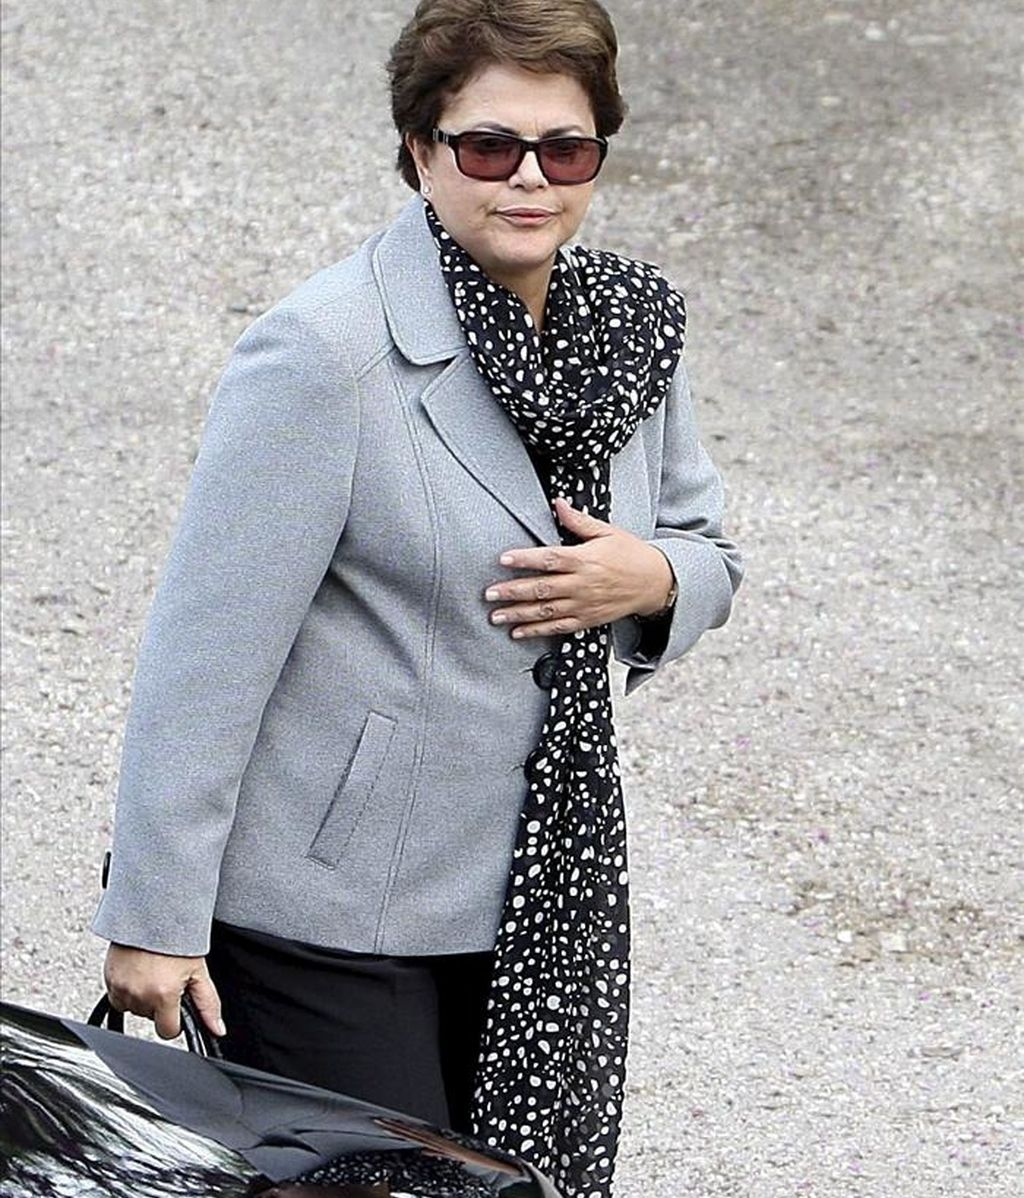 Rousseff tiene previsto partir de Brasilia esta misma noche y llegará a Pekín el próximo lunes, cuando iniciará una visita de Estado de dos días. EFE/Archivo